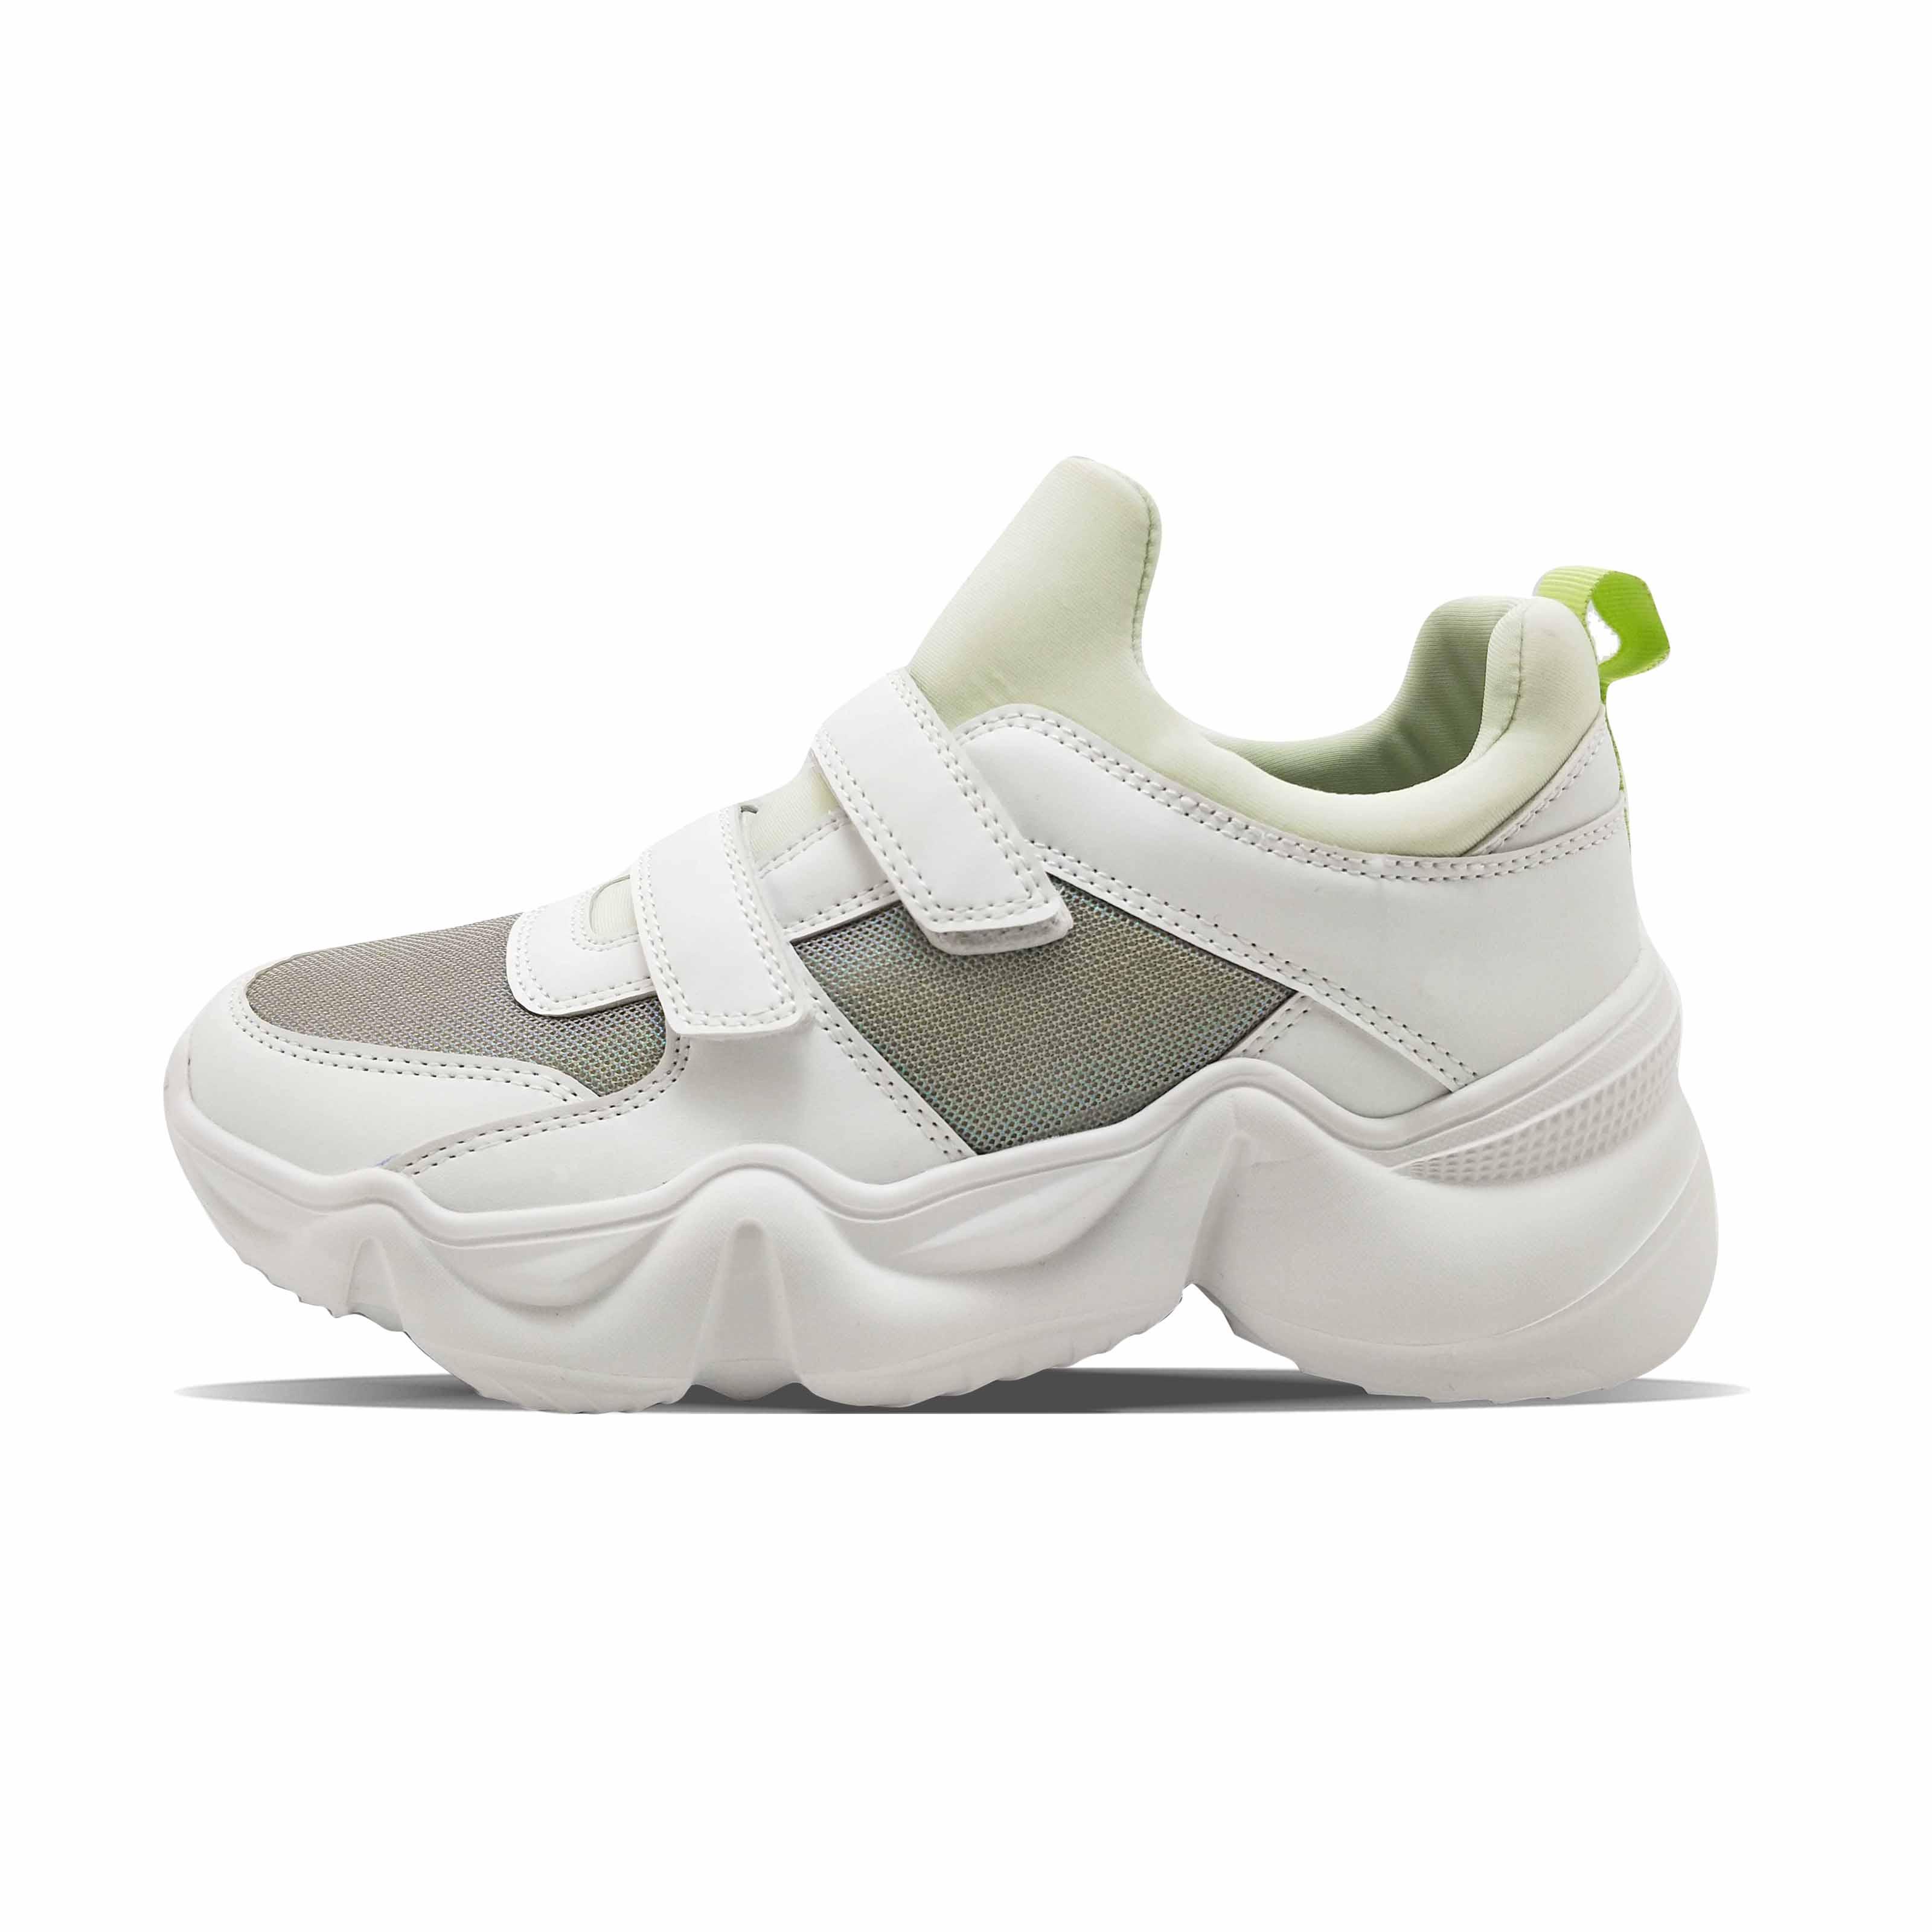 Elastic mesh PU fashion trunky women's casual shoes